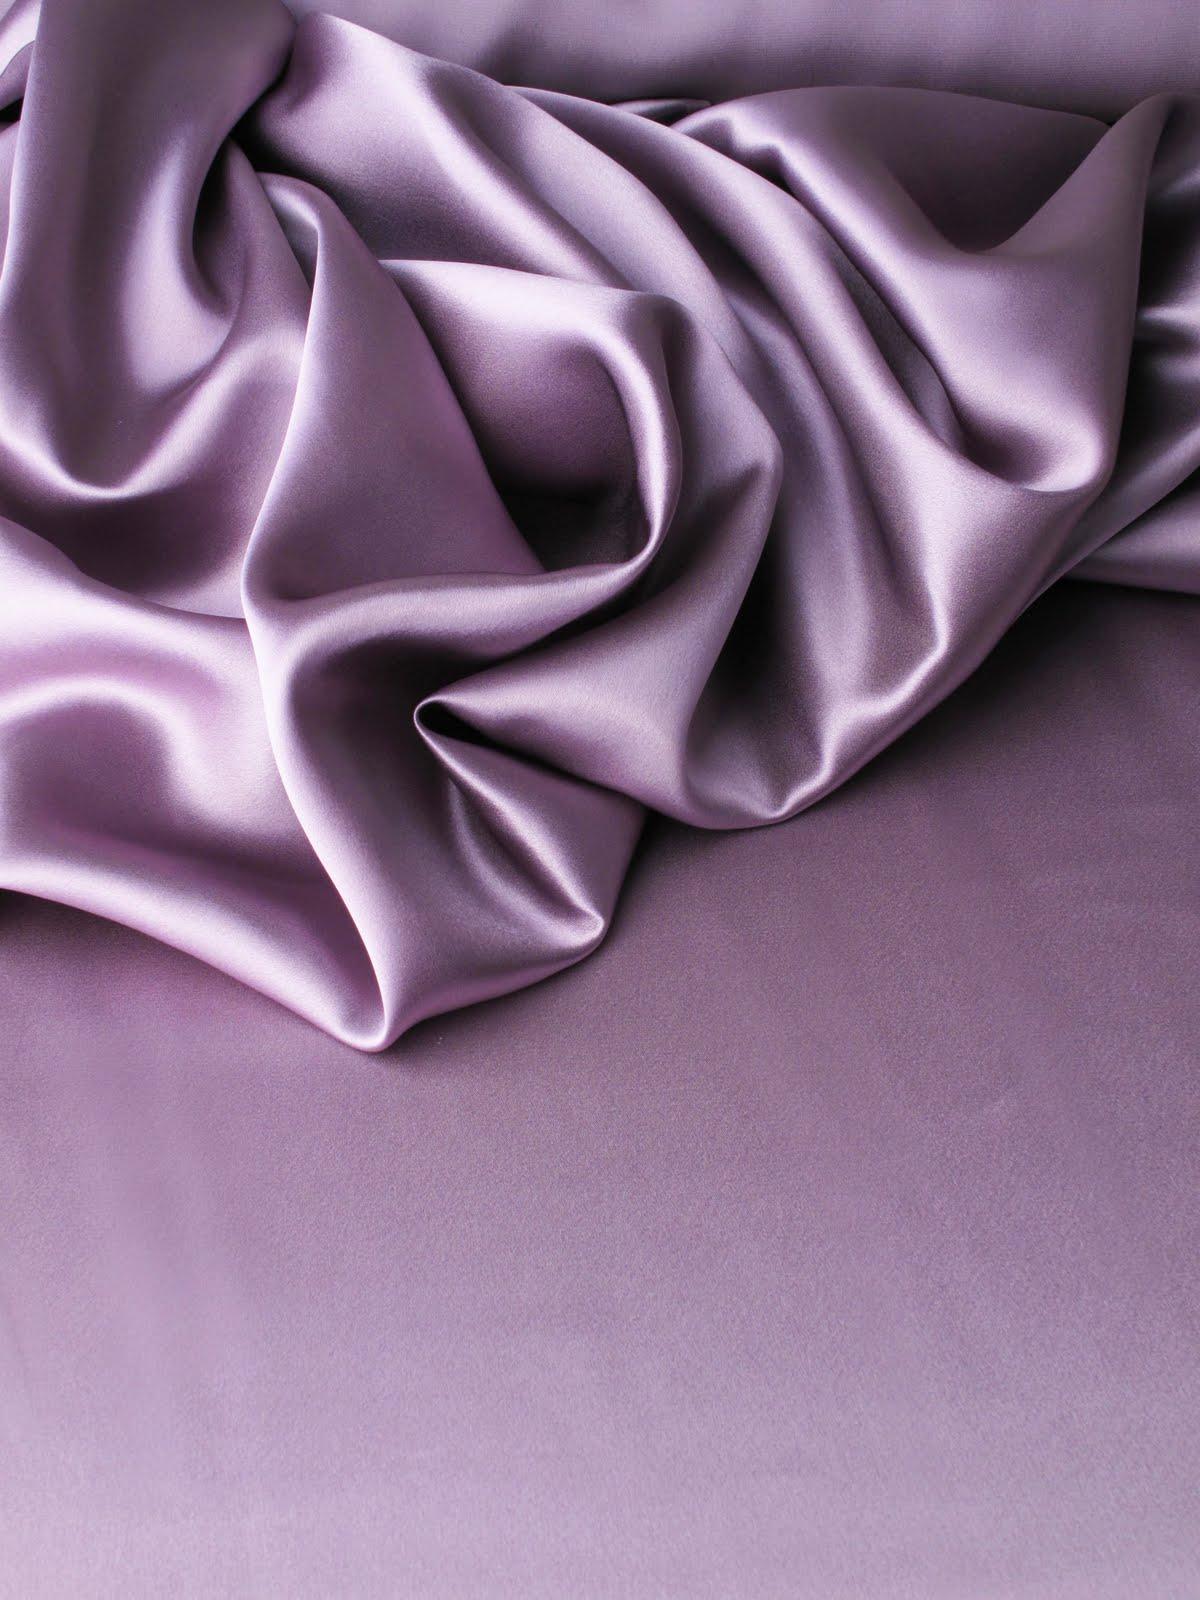 les nouveaut s au jour le jour chez stragier cr pe satin en soie cinnebar. Black Bedroom Furniture Sets. Home Design Ideas